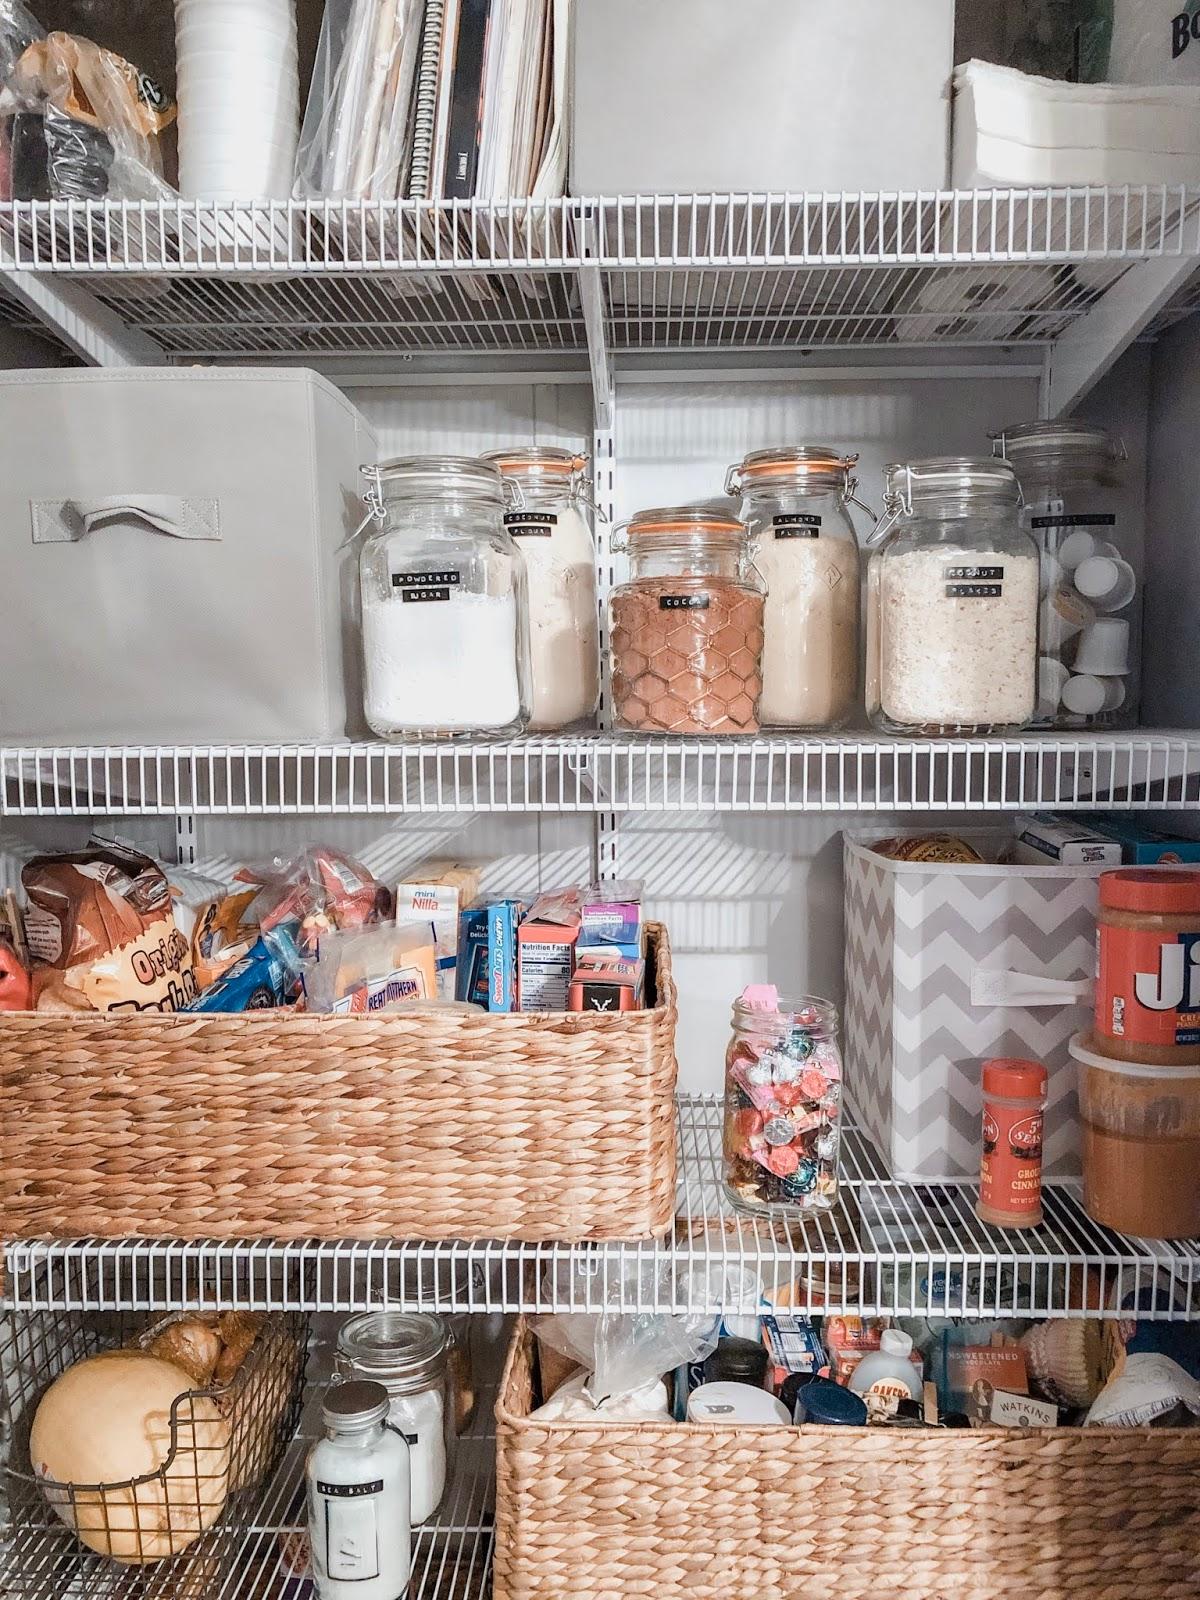 spring-cleaning-pantry-organization-storage-jars-baskets